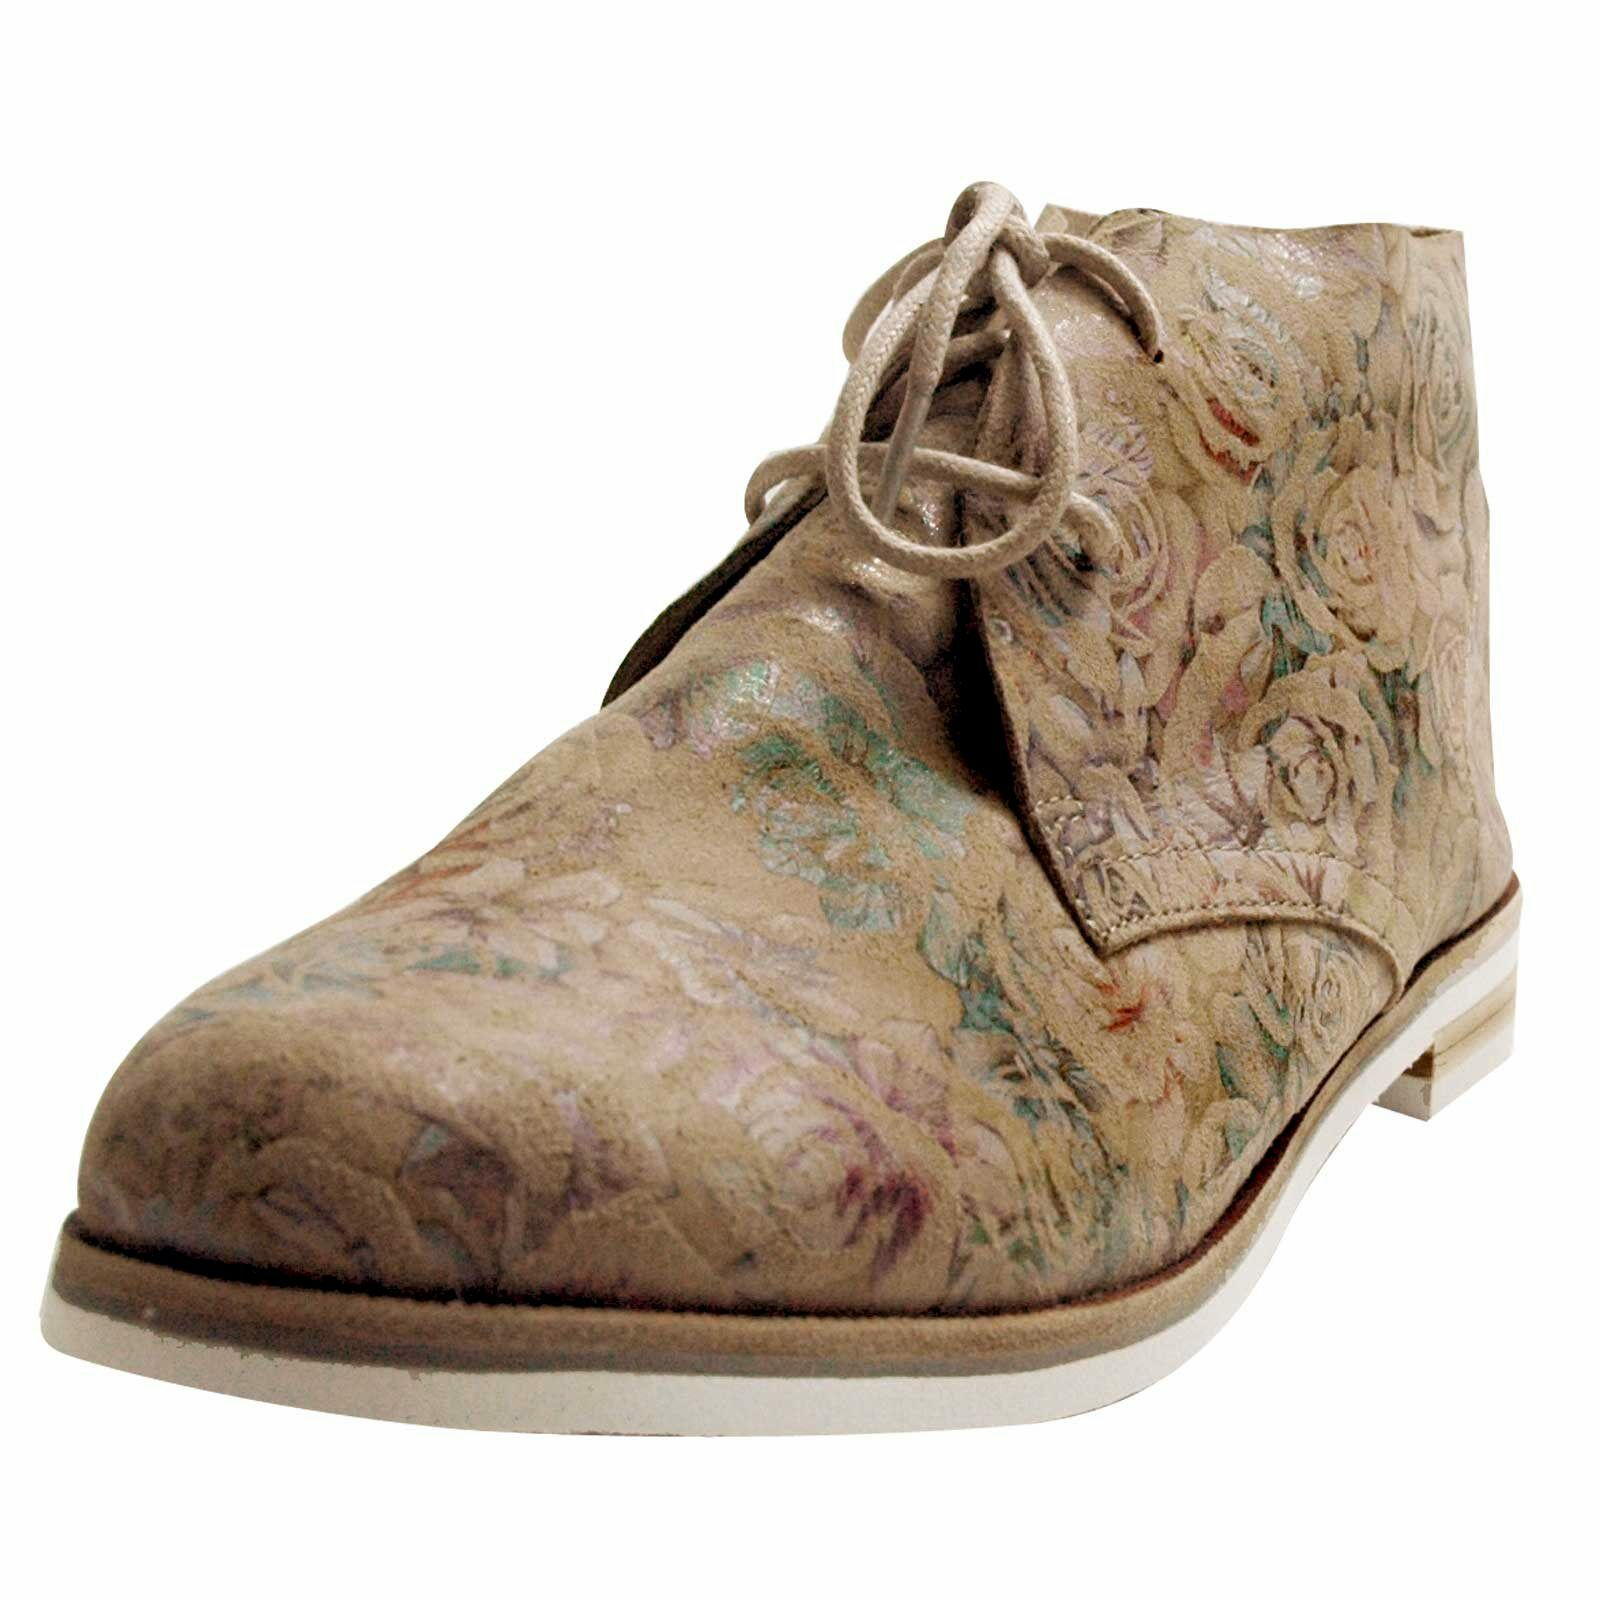 Caprice botines beige, con acanto, ancho de zapatos G